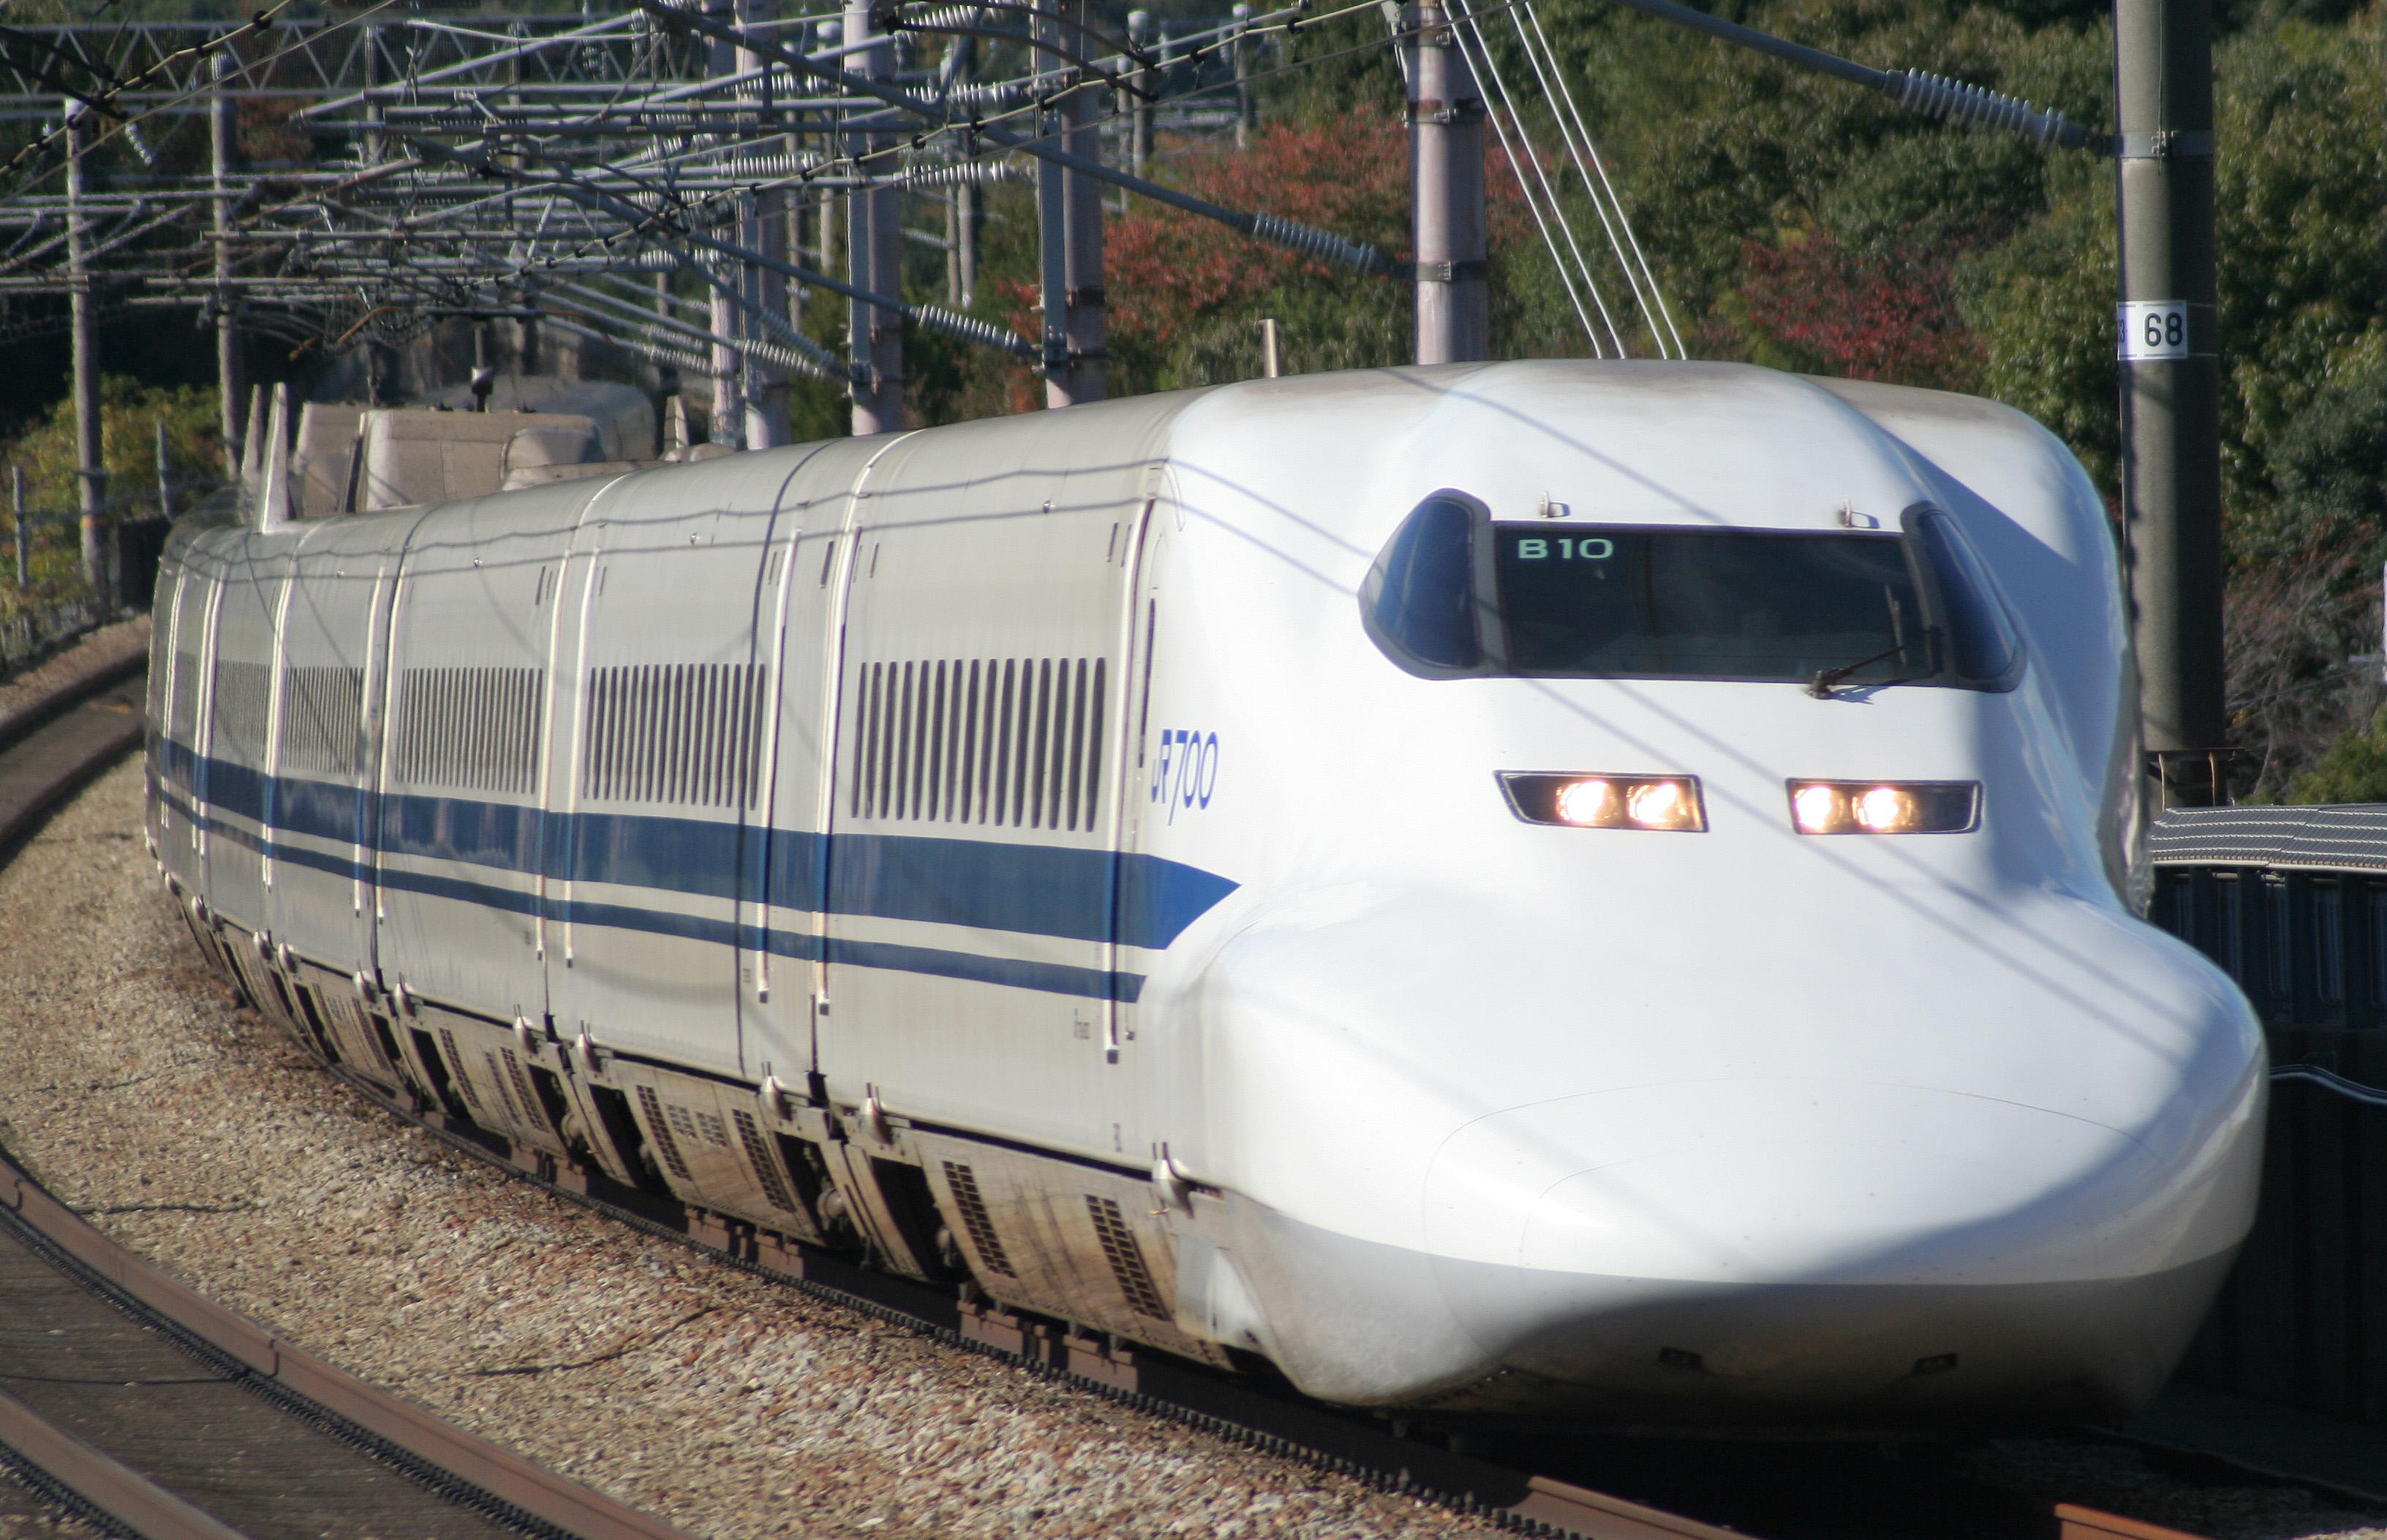 File Jrw Shinkansen 700 Series B10